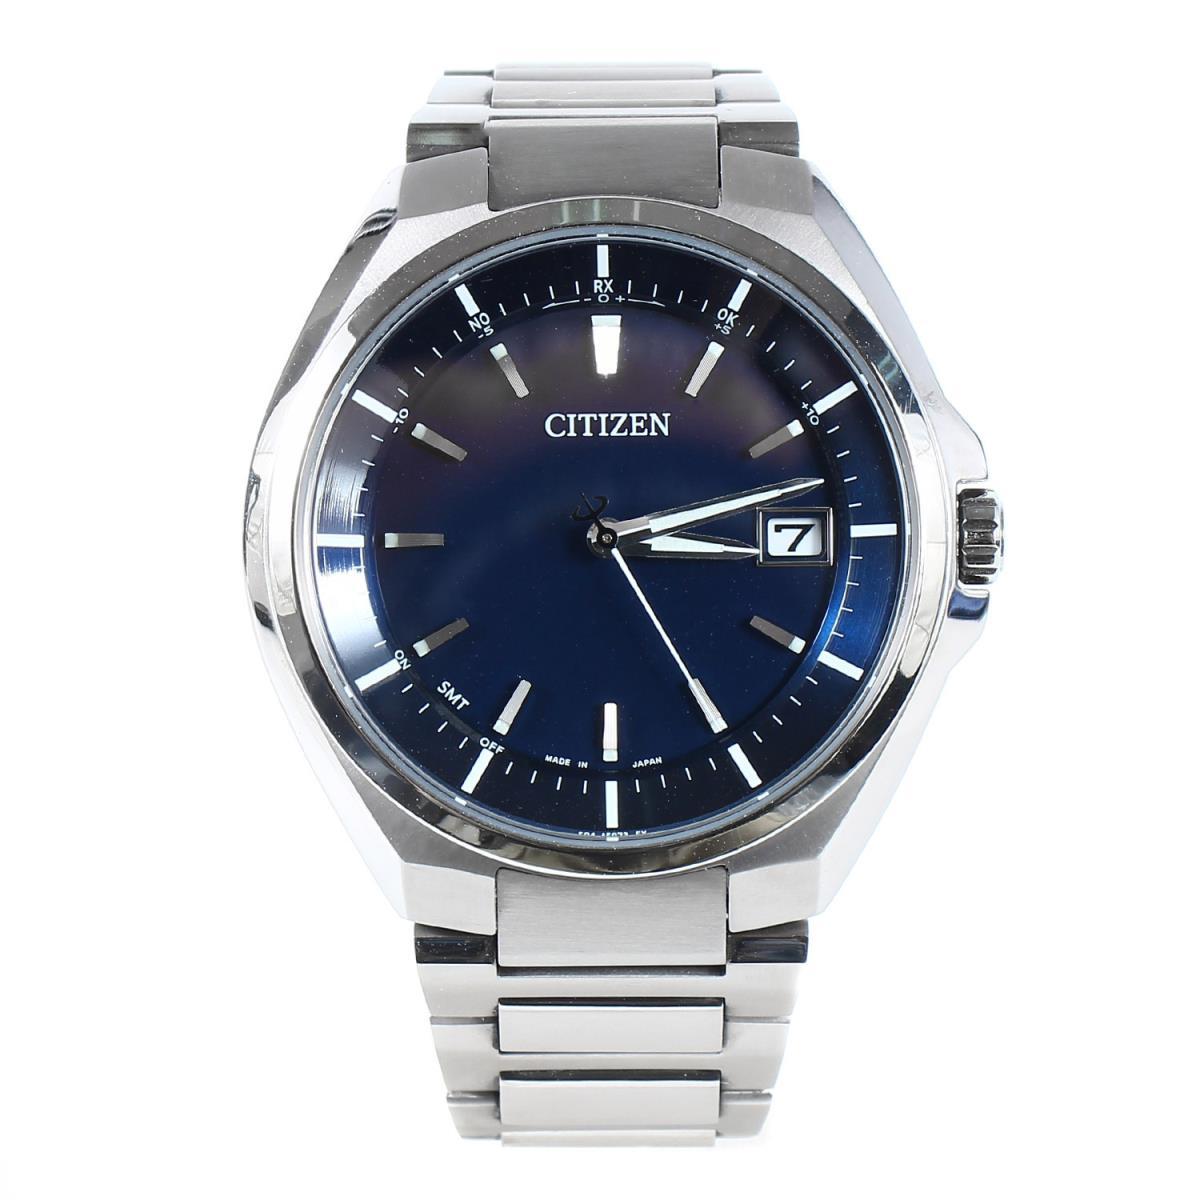 CITIZEN シチズン ATTESA アテッサ CB3010-57L 腕時計 / ウォッチ シルバー ブルー文字盤 【メンズ】【中古】【美品】【K2759】